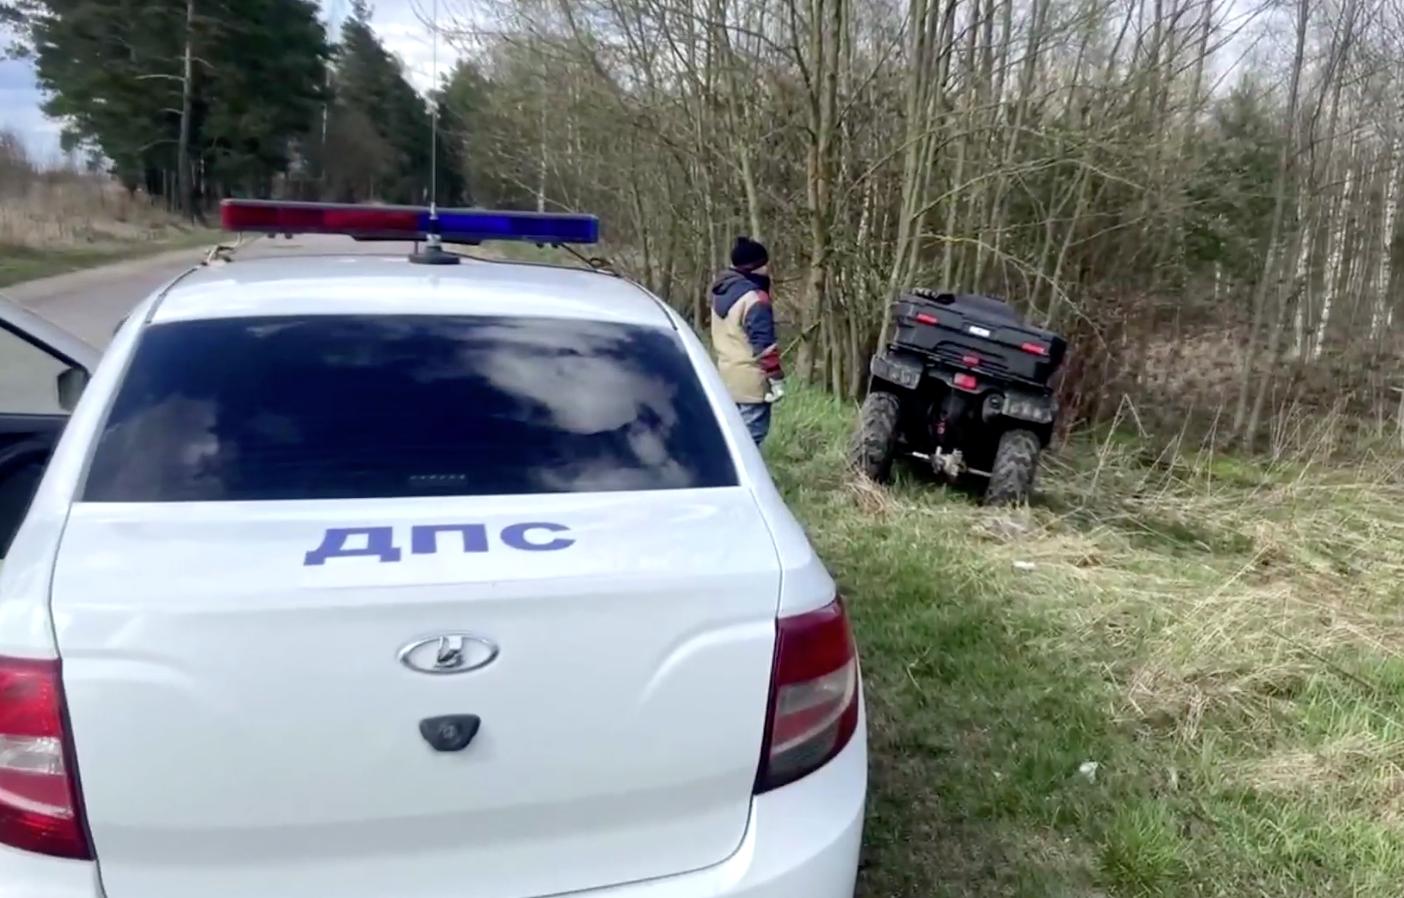 Опубликовано видео погони ДПС за пьяным мужчиной с ребенком на квадроцикле под Тверью